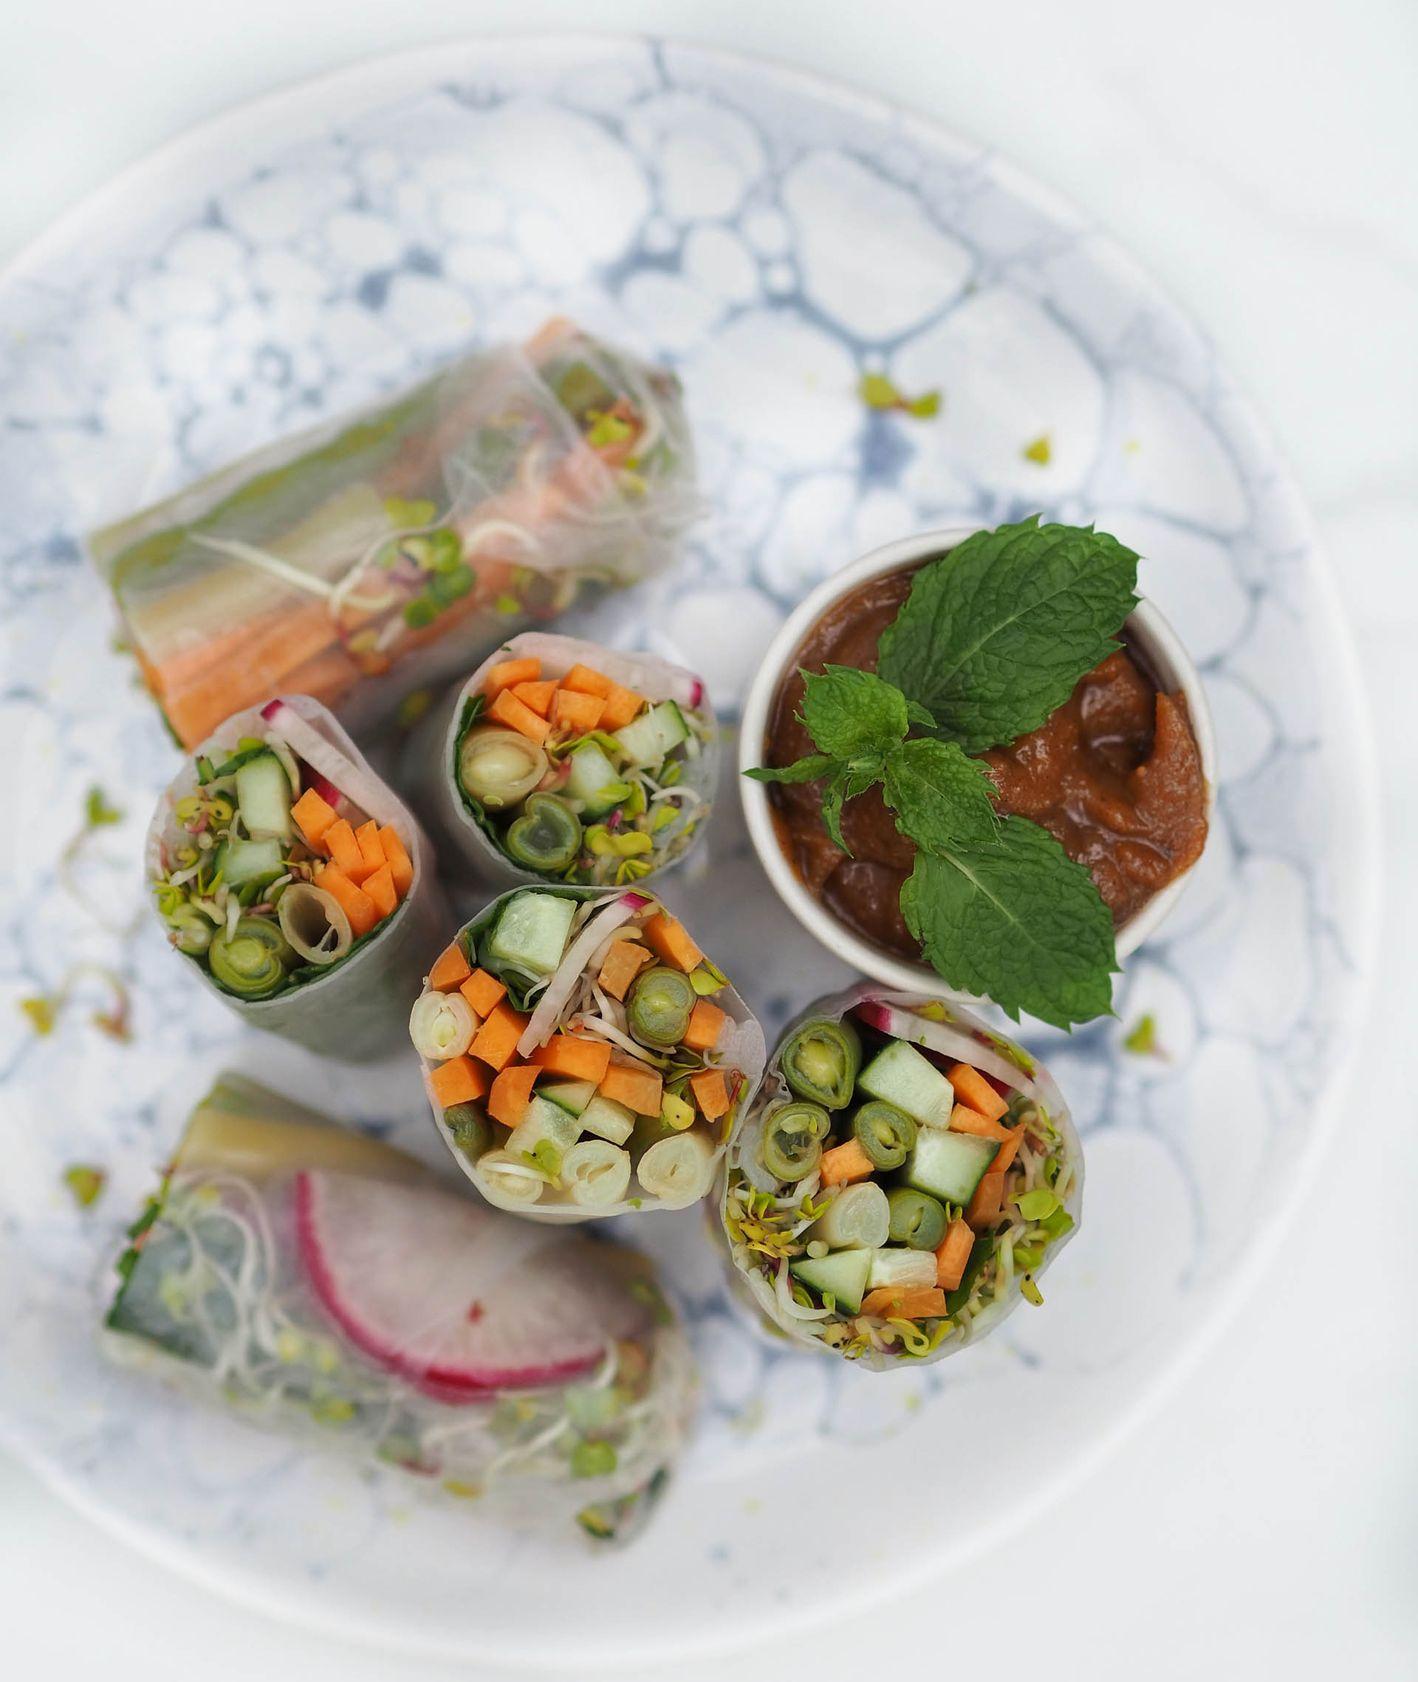 Spring rollsy z fasolką szparagową, marchewką, ogórkiem i rzodkiewką z sosem migdałowym (fot. Aleksandra Jagłowska)